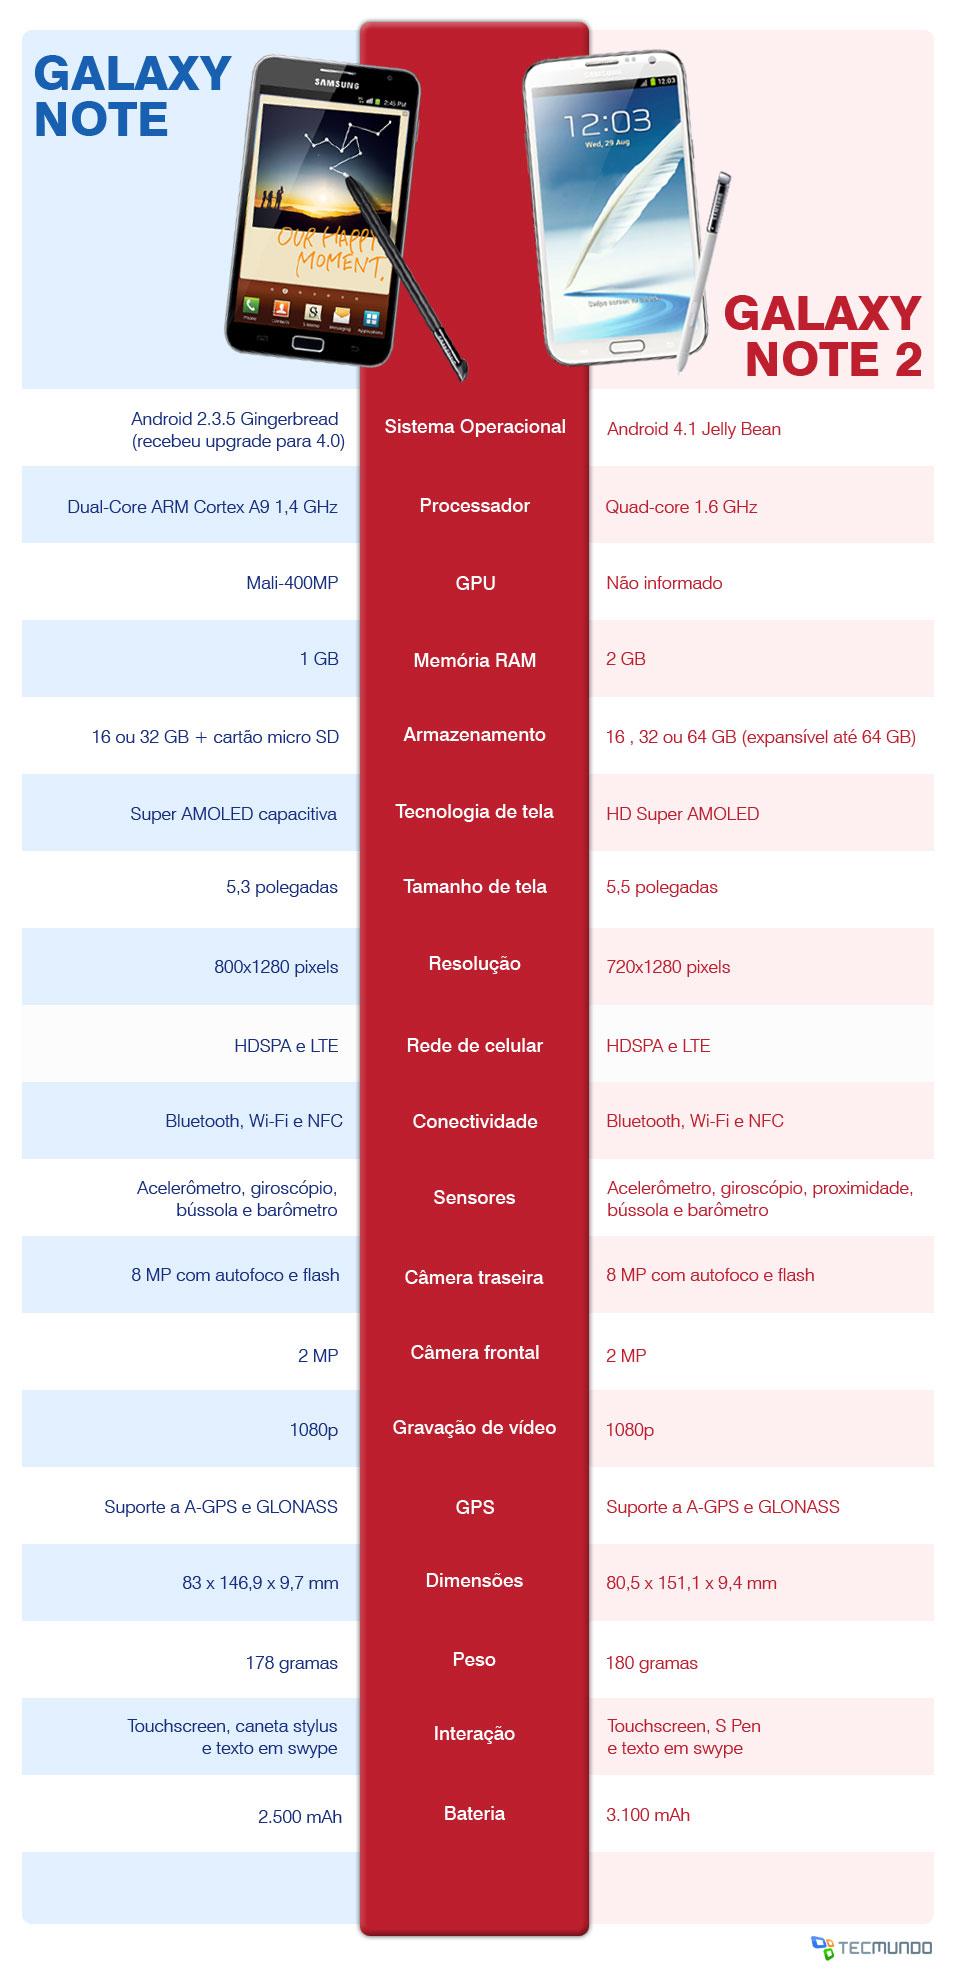 Confira todos os detalhes do Samsung Galaxy Note 2